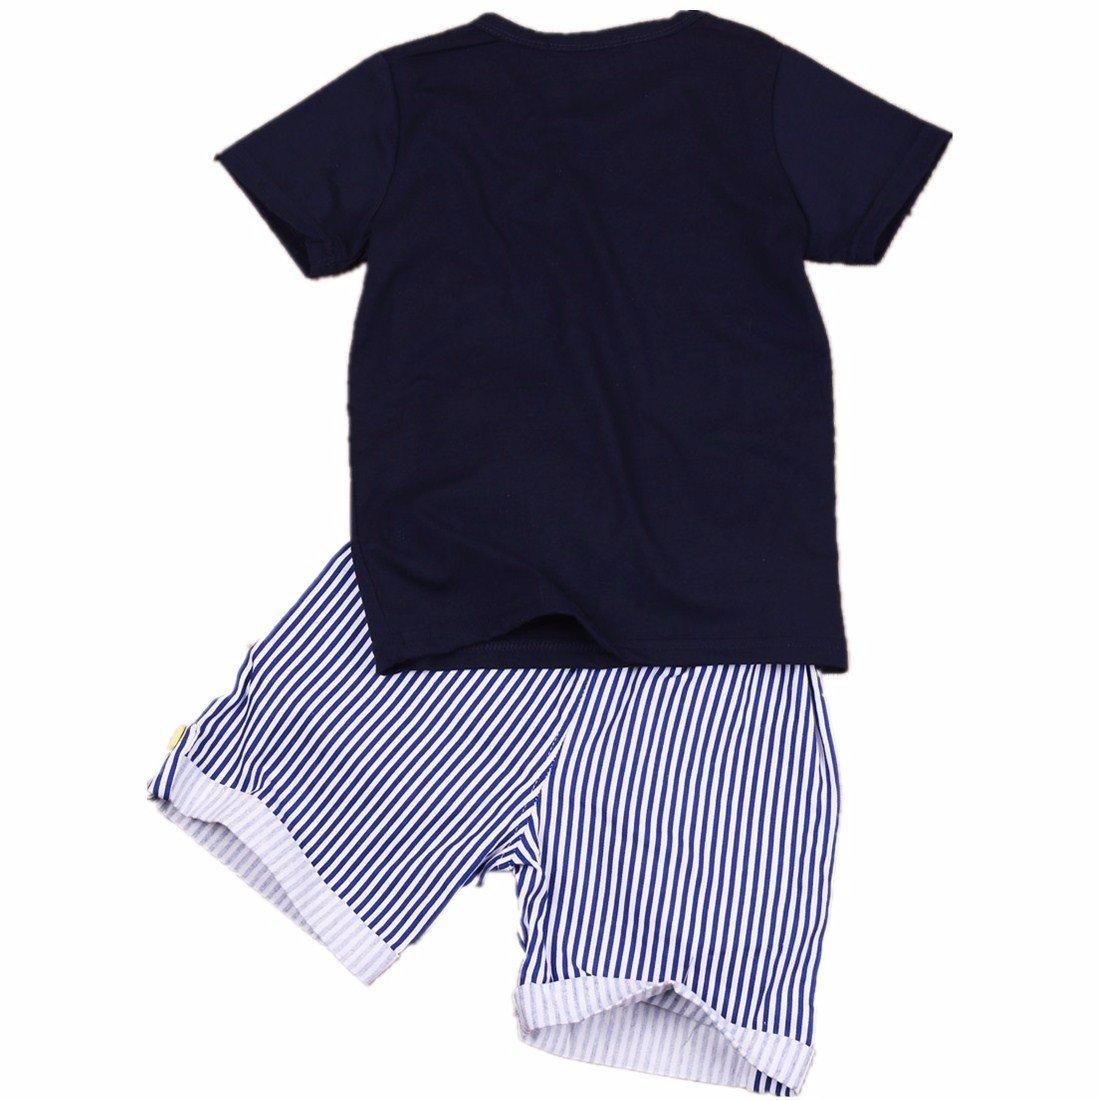 YiZYiF Conjunto Ropa Niños Camiseta de Manga Corta Pantalones Cortas Rayadas 2PCS Traje De Verano Playa para niños: Amazon.es: Ropa y accesorios